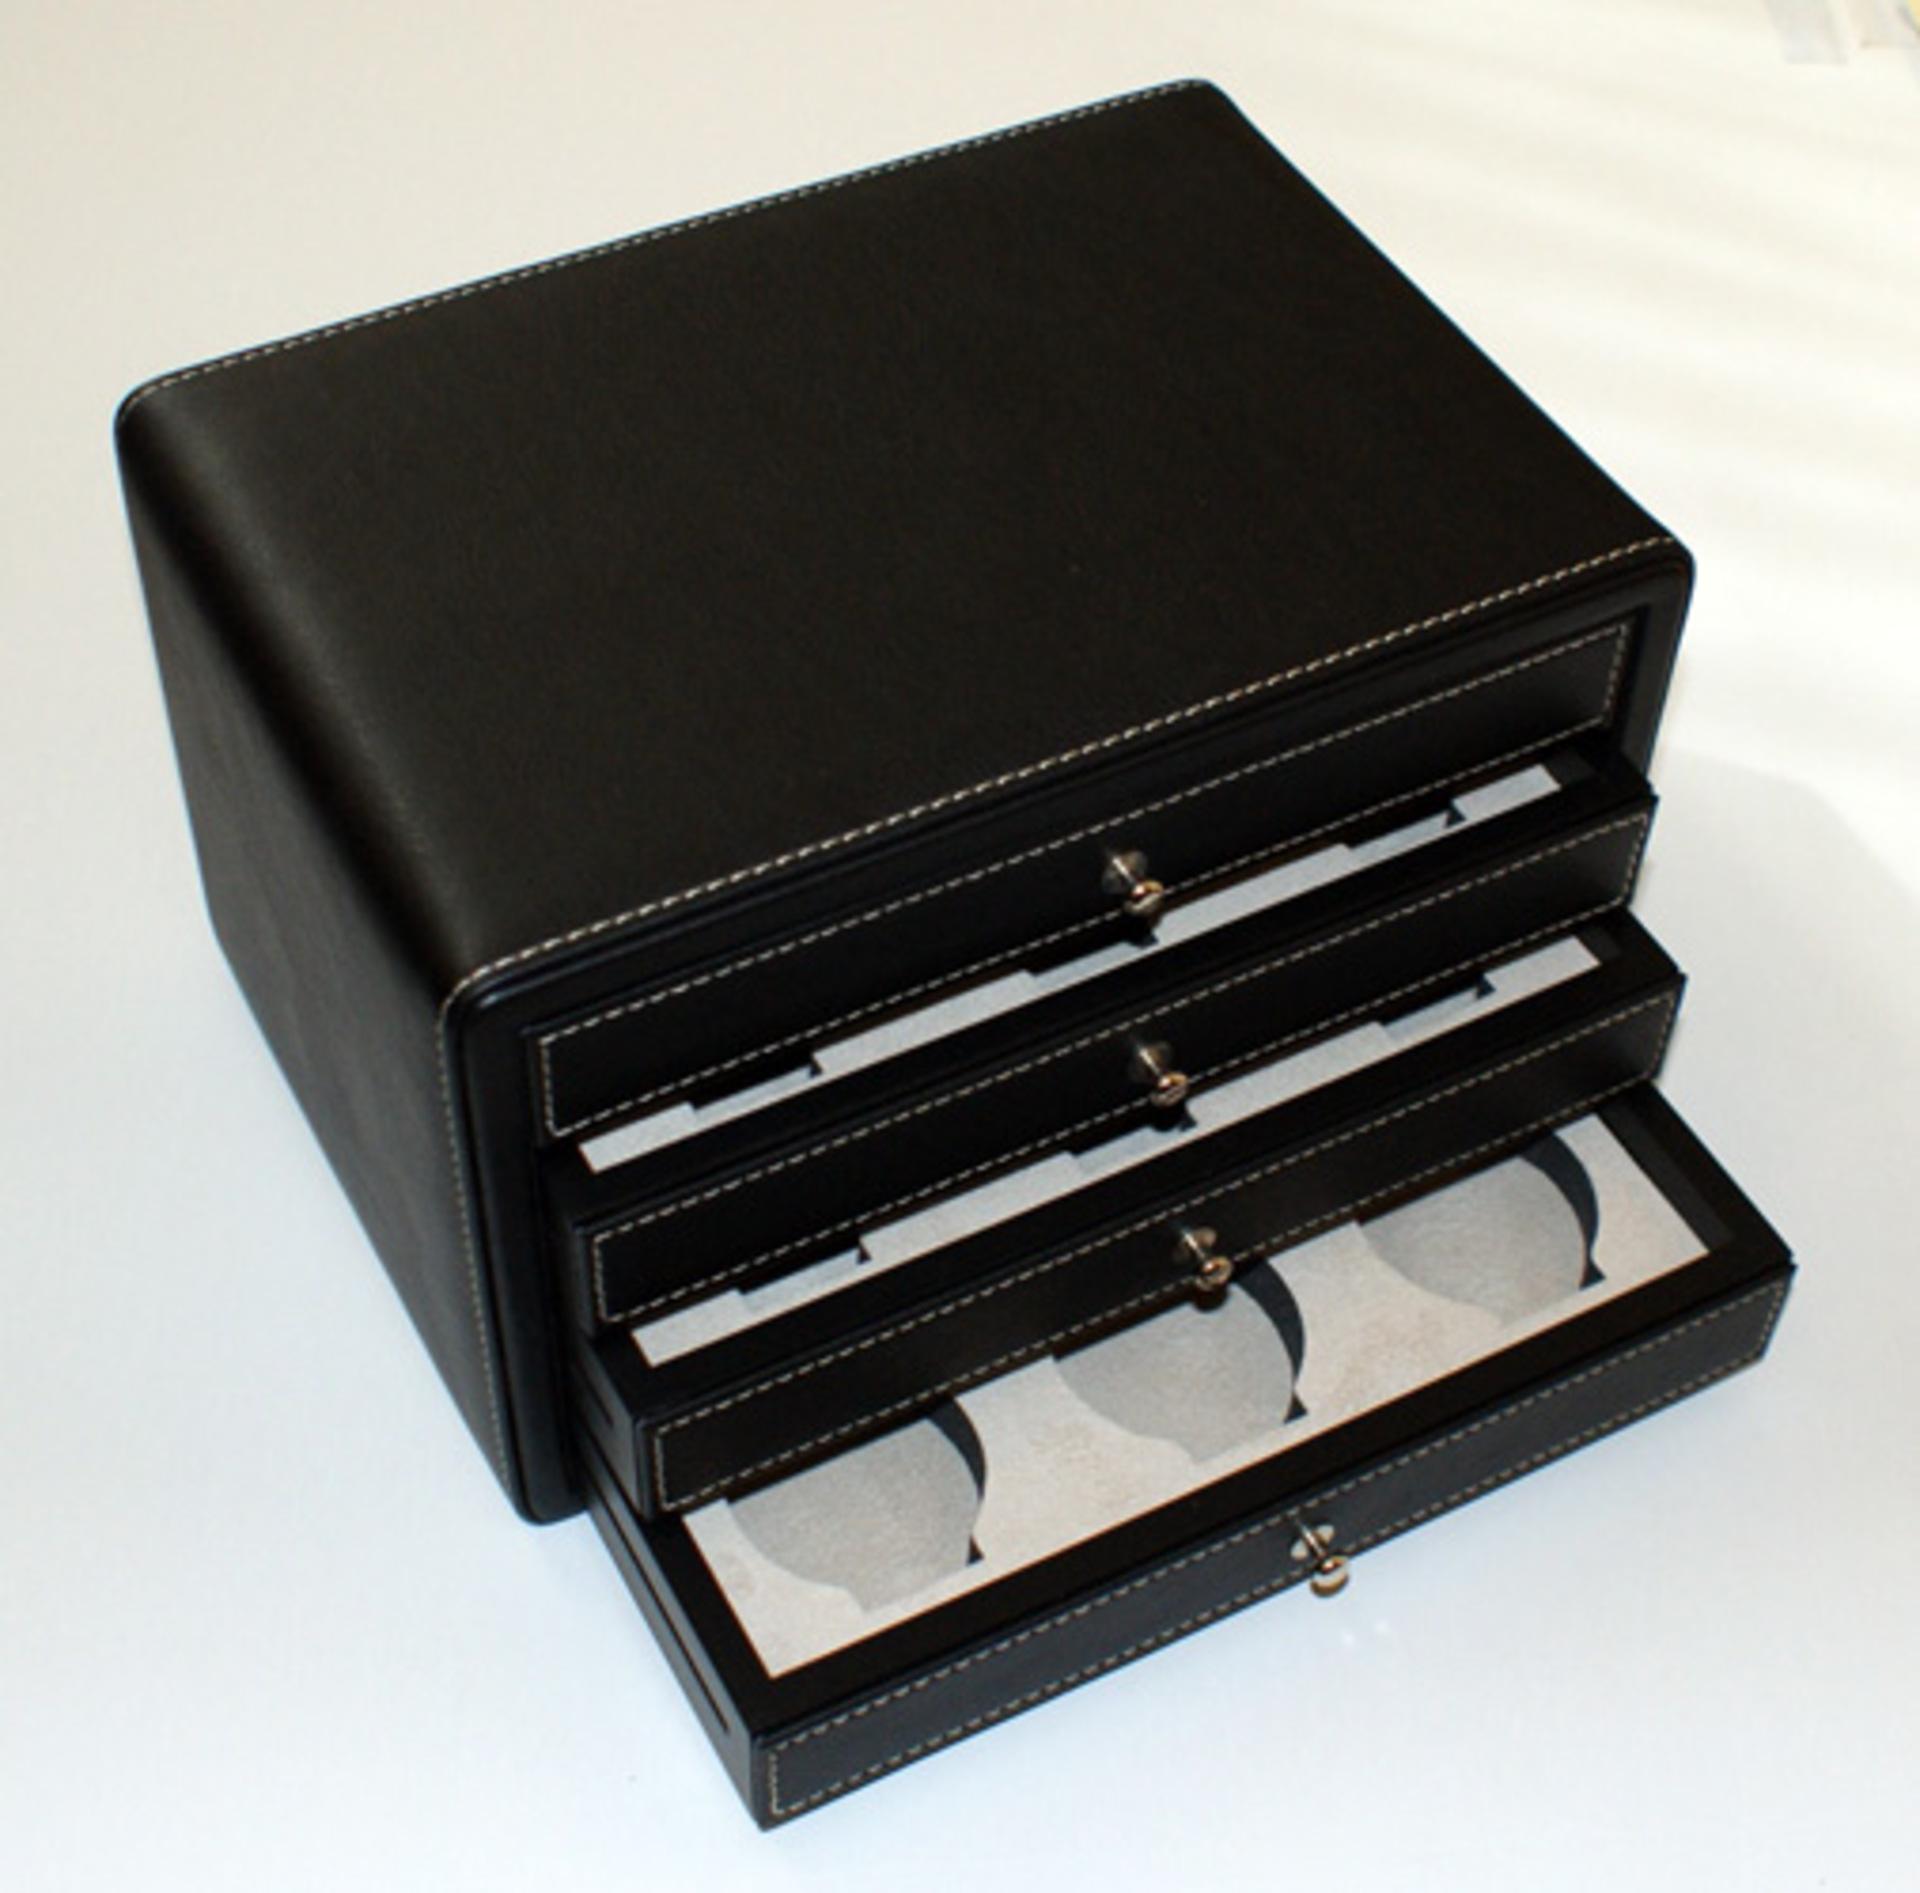 Porta orologi scatola con cassetti 12 posti temporo - Porta orologi uomo ...